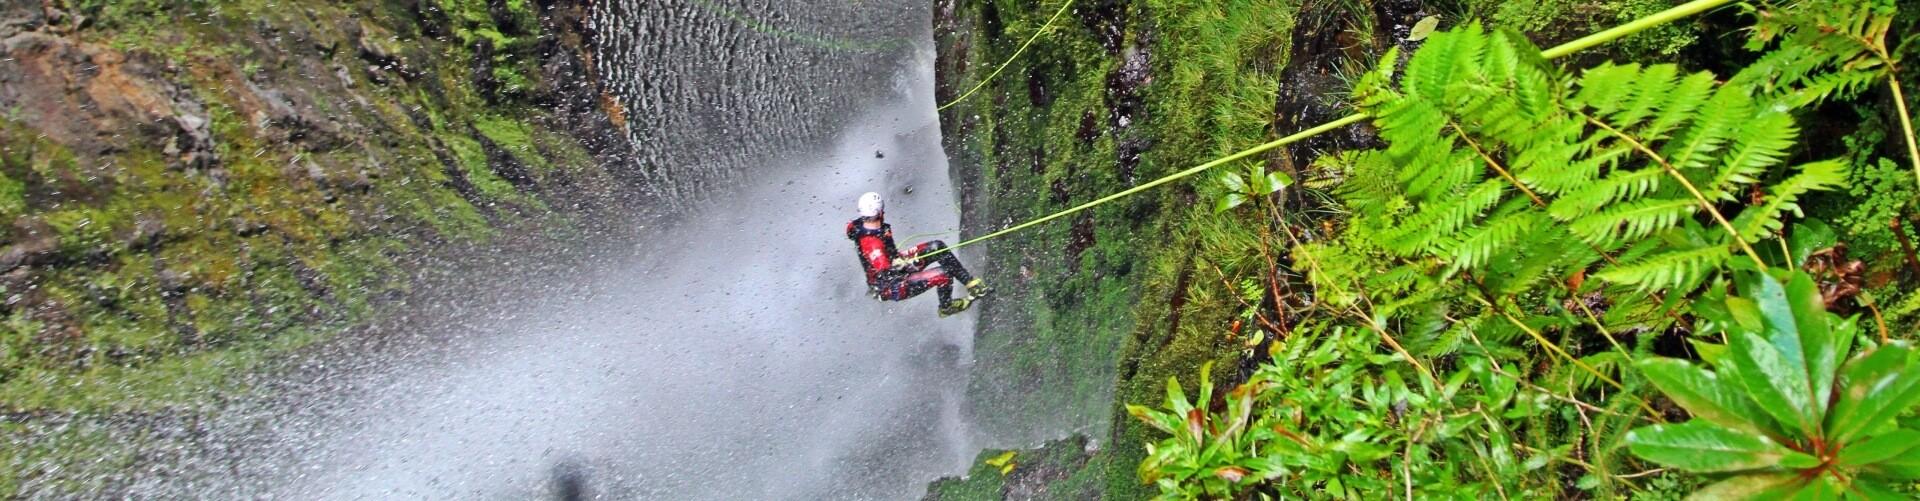 Canyoning Madeira Epic Level 2 Intermediate